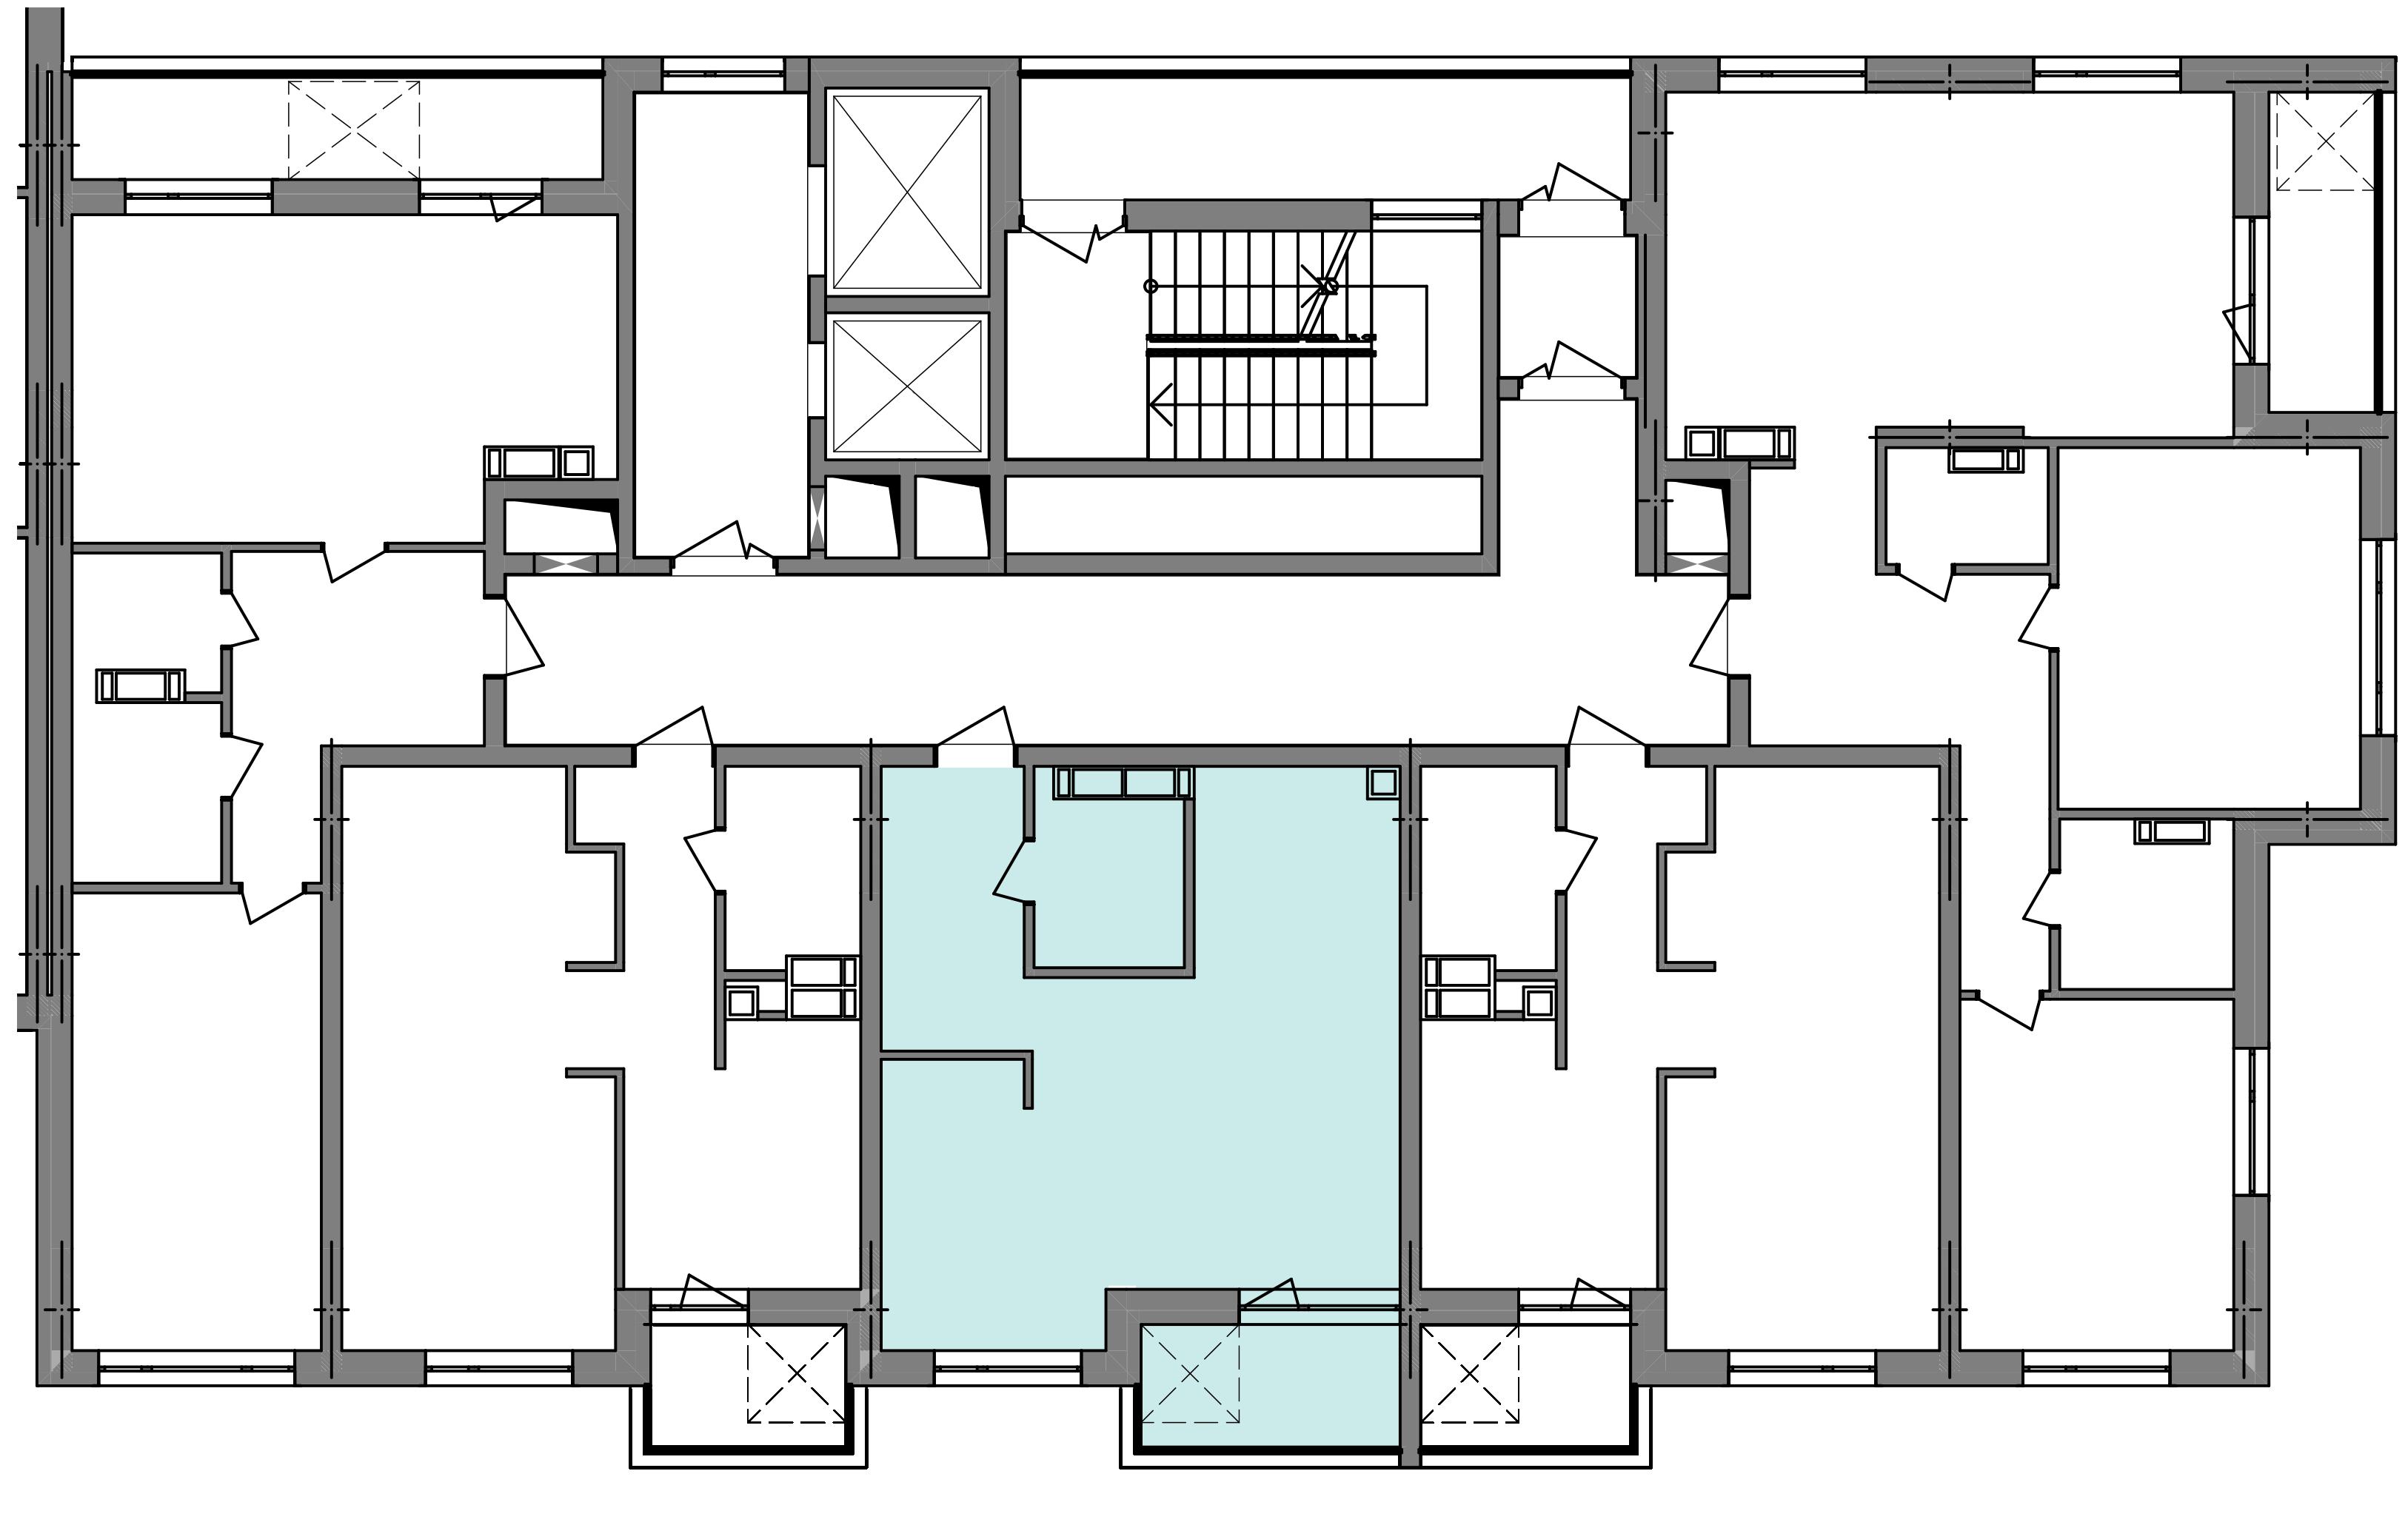 Однокімнатна квартира 40,71 кв.м., тип 1.5, будинок 3 секція 5 розташування на поверсі